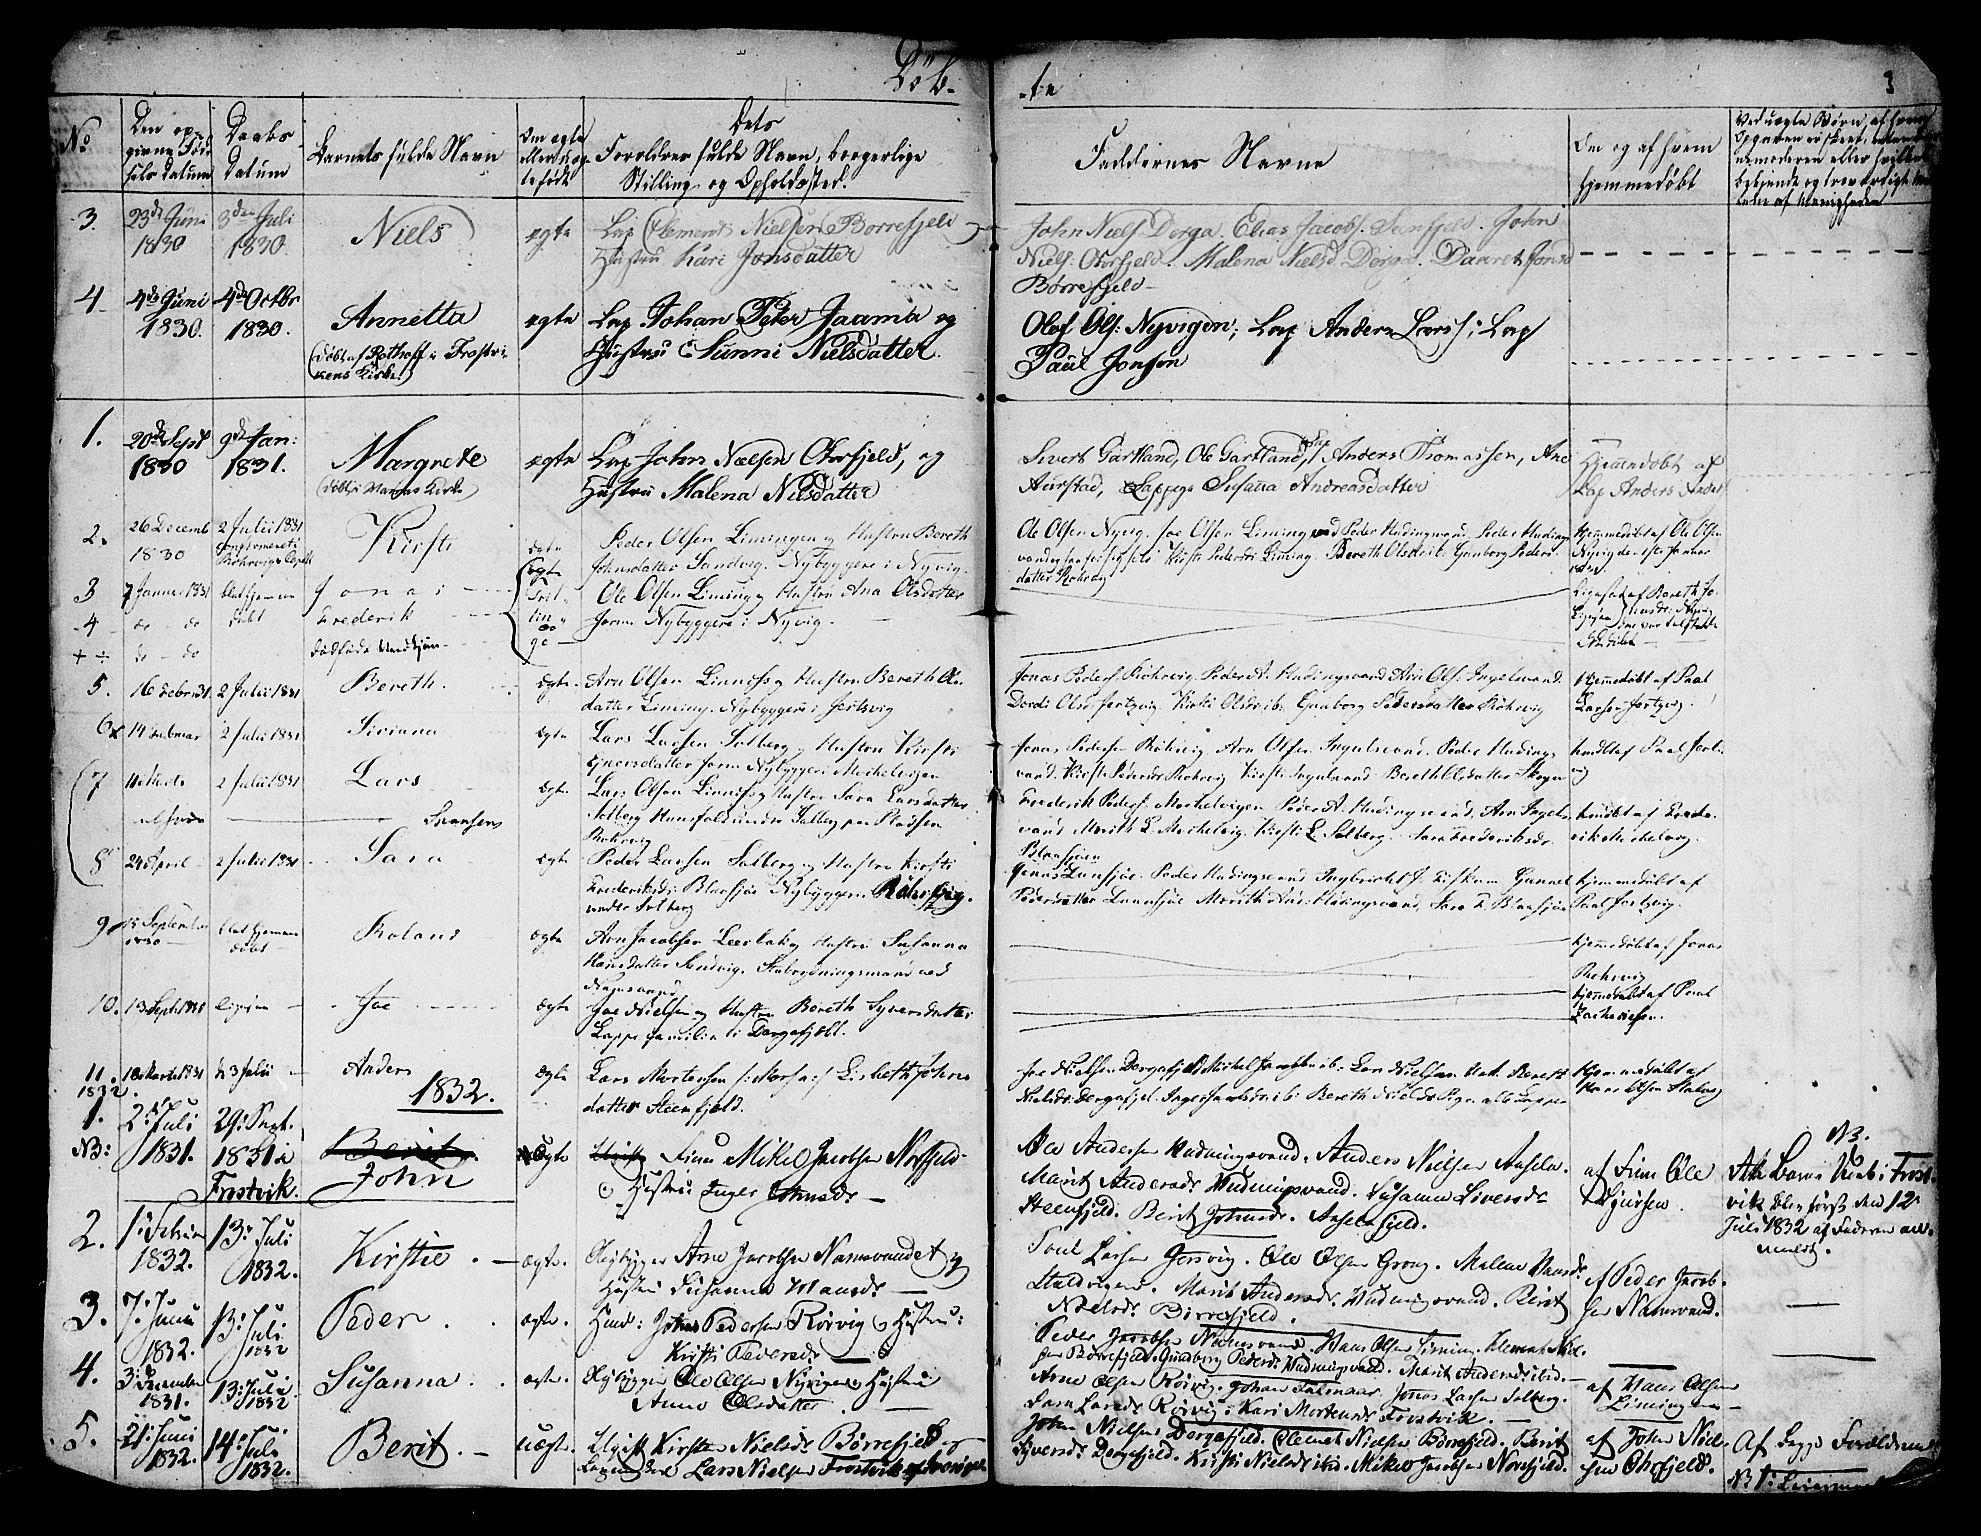 SAT, Ministerialprotokoller, klokkerbøker og fødselsregistre - Nord-Trøndelag, 762/L0536: Ministerialbok nr. 762A01 /1, 1828-1832, s. 3